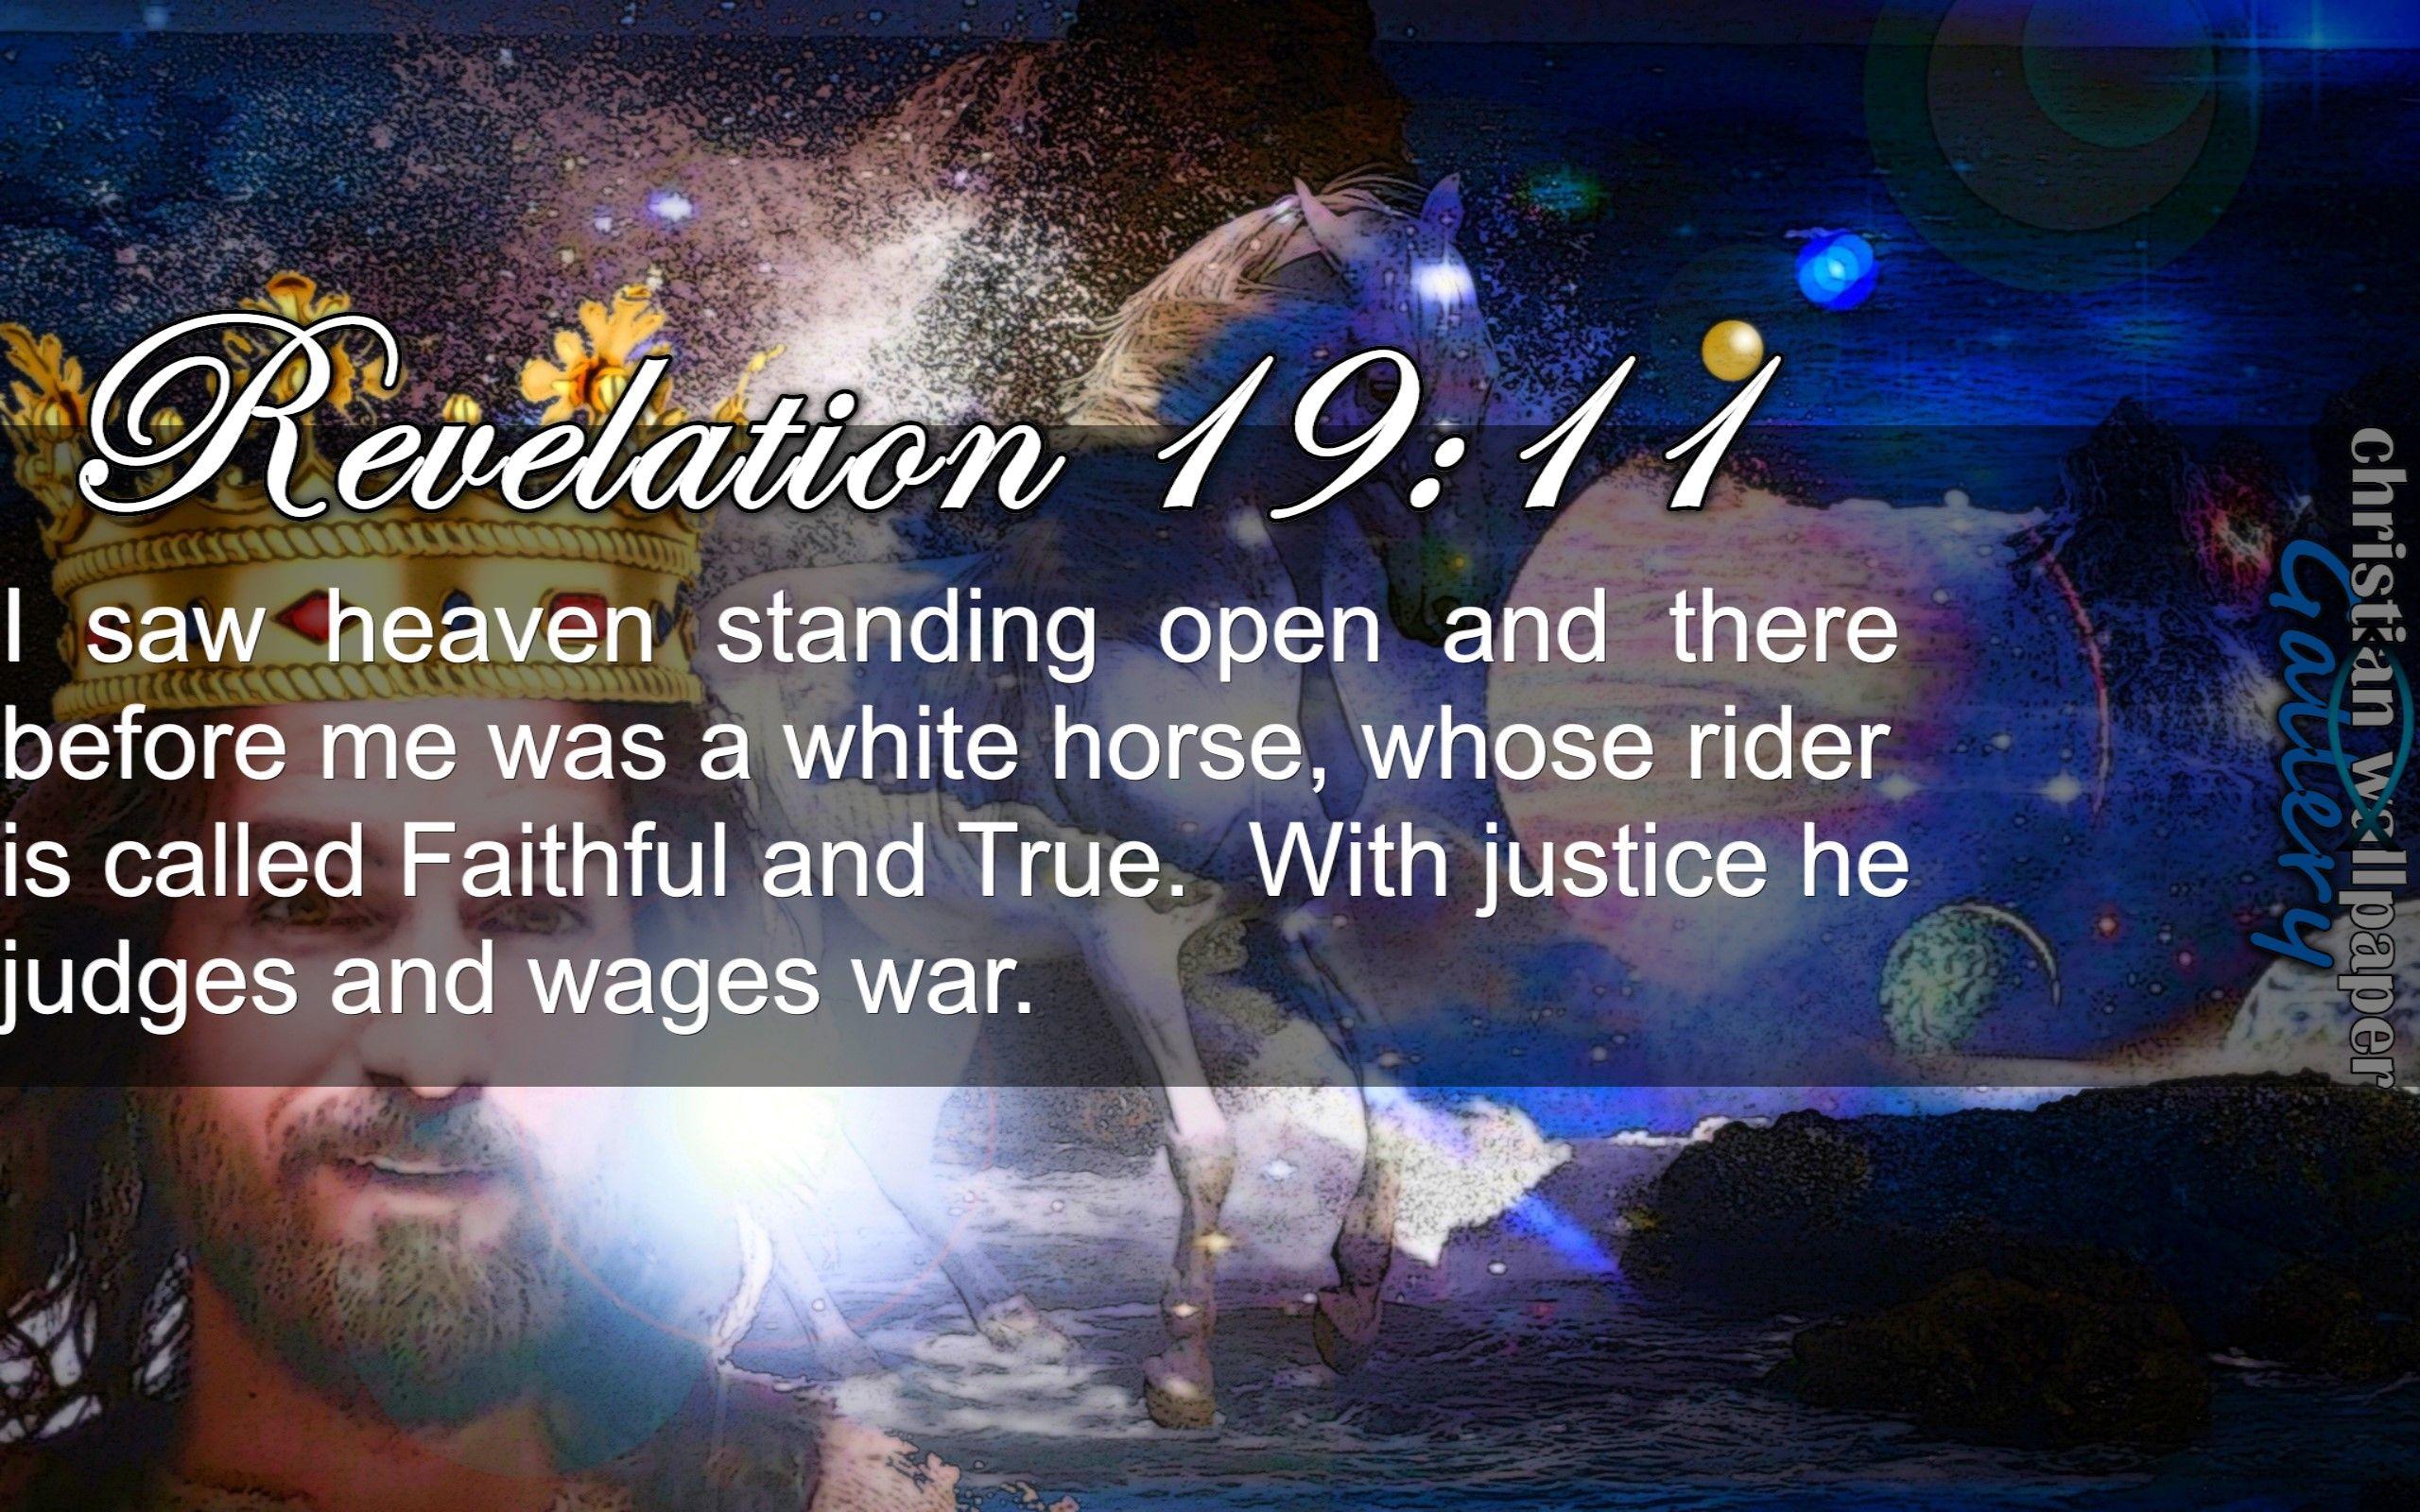 Wonderful Wallpaper Horse Bible Verse - 33ed34d7941d071252a8a3df568912b8  Trends_16398.jpg